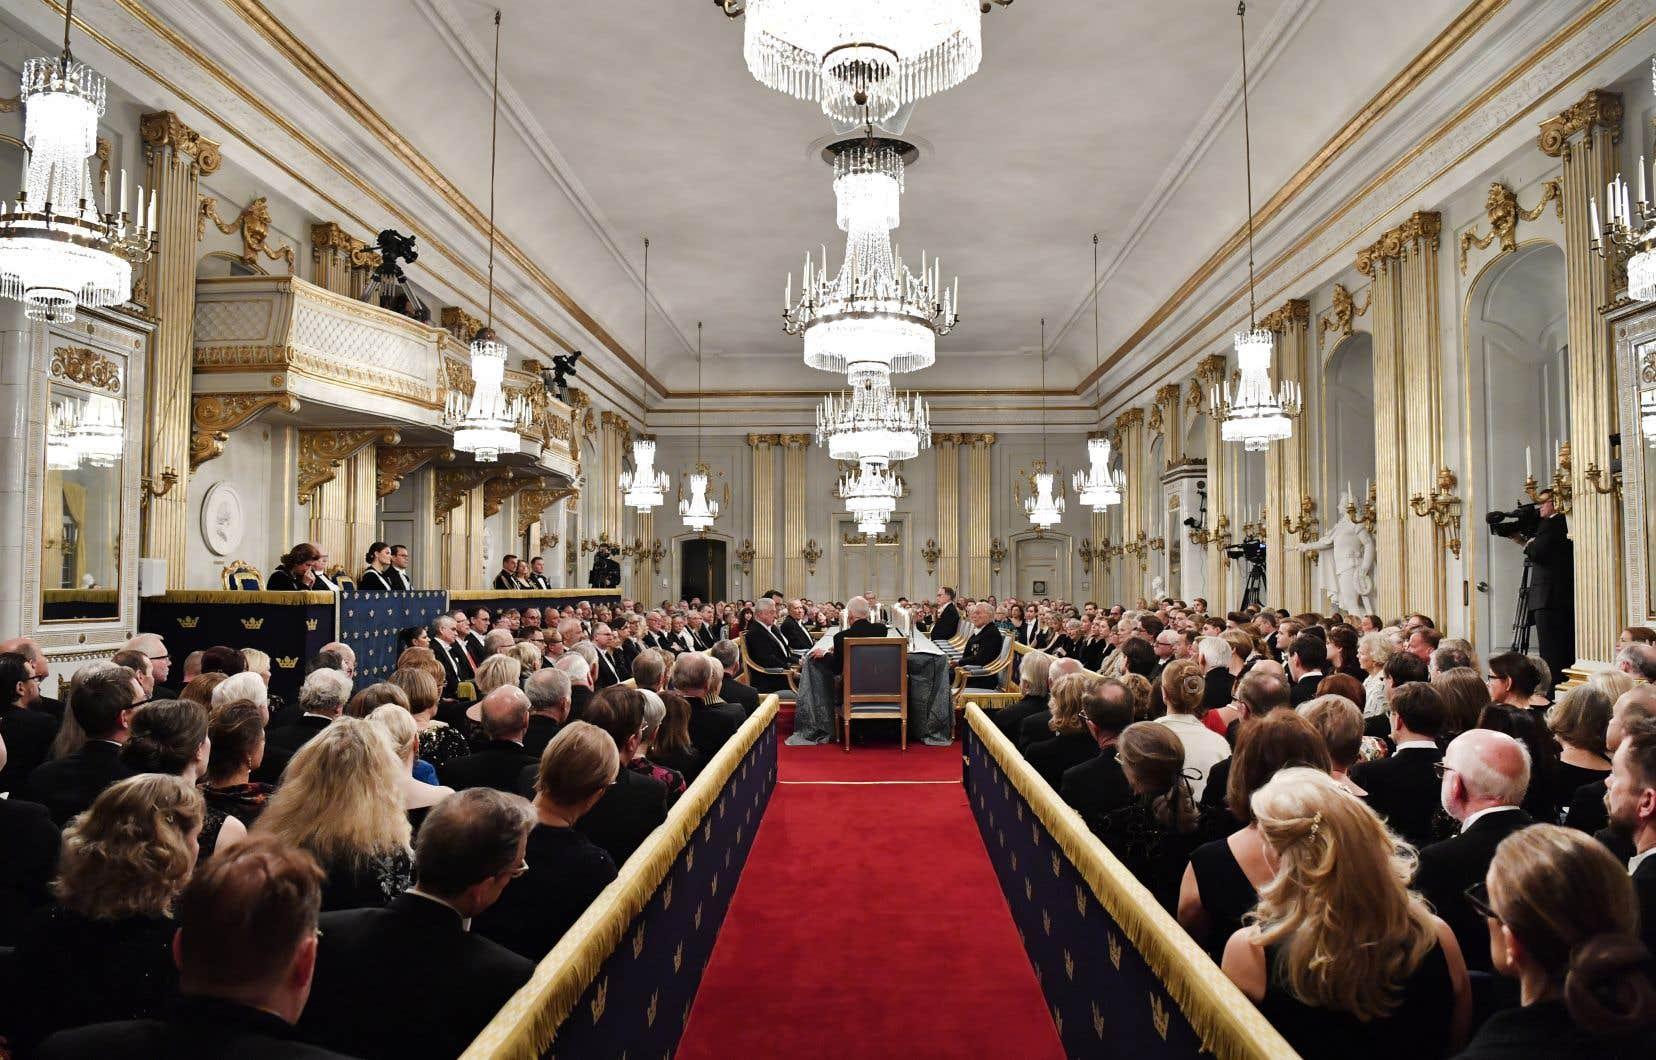 La remise du prix Nobel de littérature a été annulée l'année dernière après un exode à l'Académie suédoise, à la suite d'allégations d'agressions sexuelles.